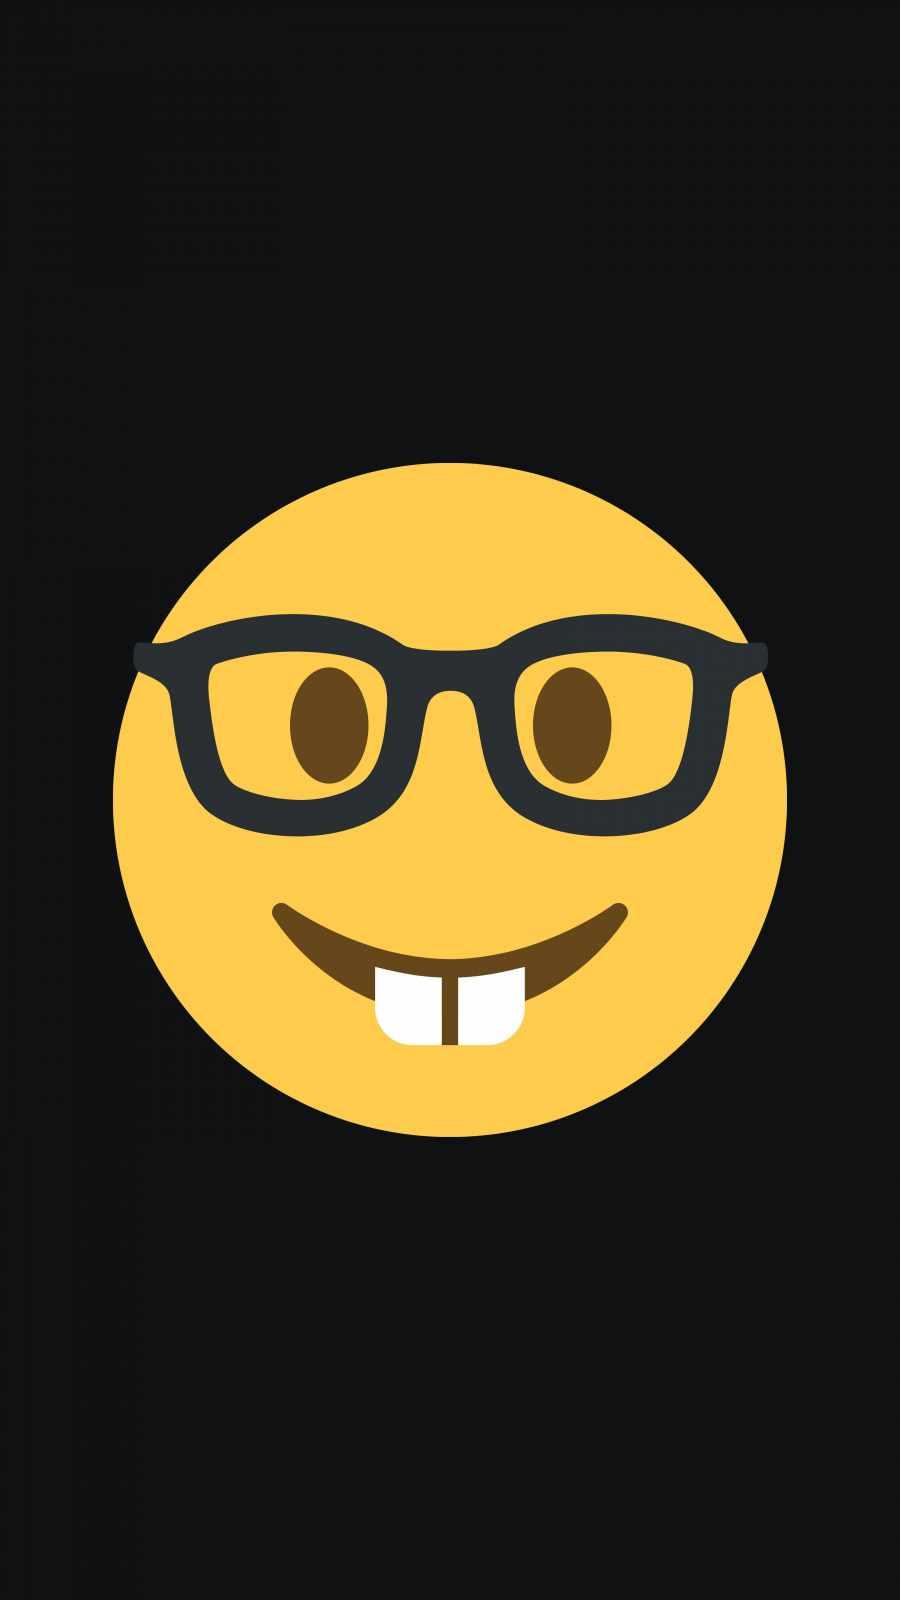 Nerd Emoji iPhone Wallpaper